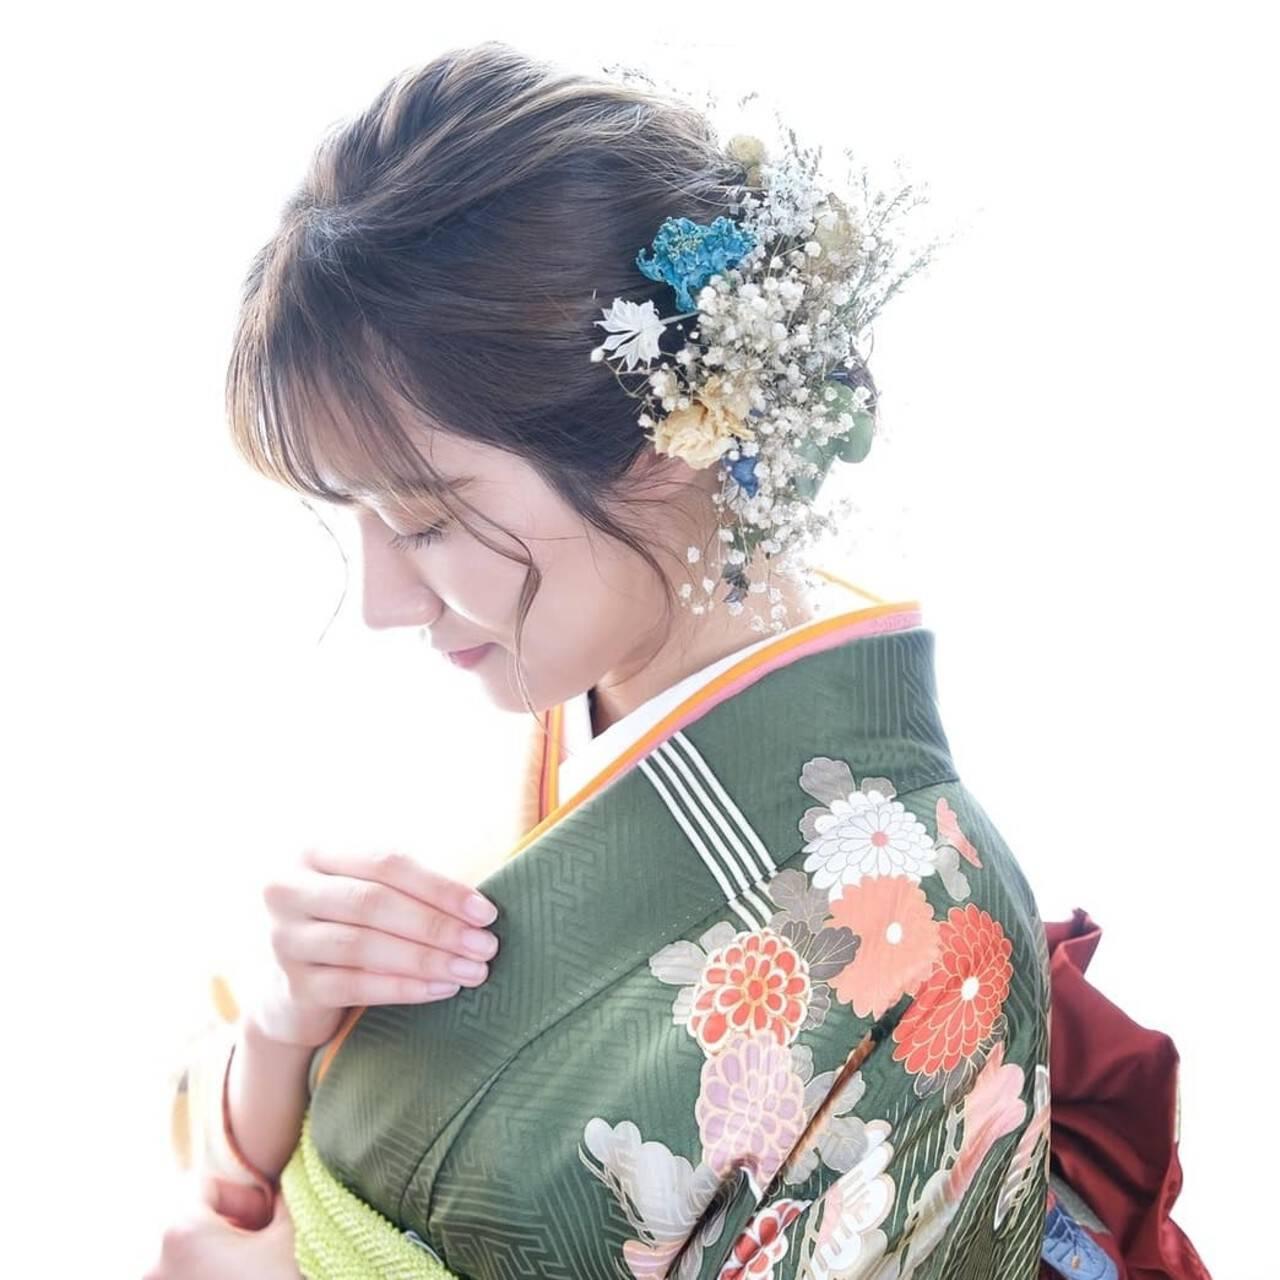 ミディアム 編み込みヘア ヘアアレンジ ナチュラルヘアスタイルや髪型の写真・画像